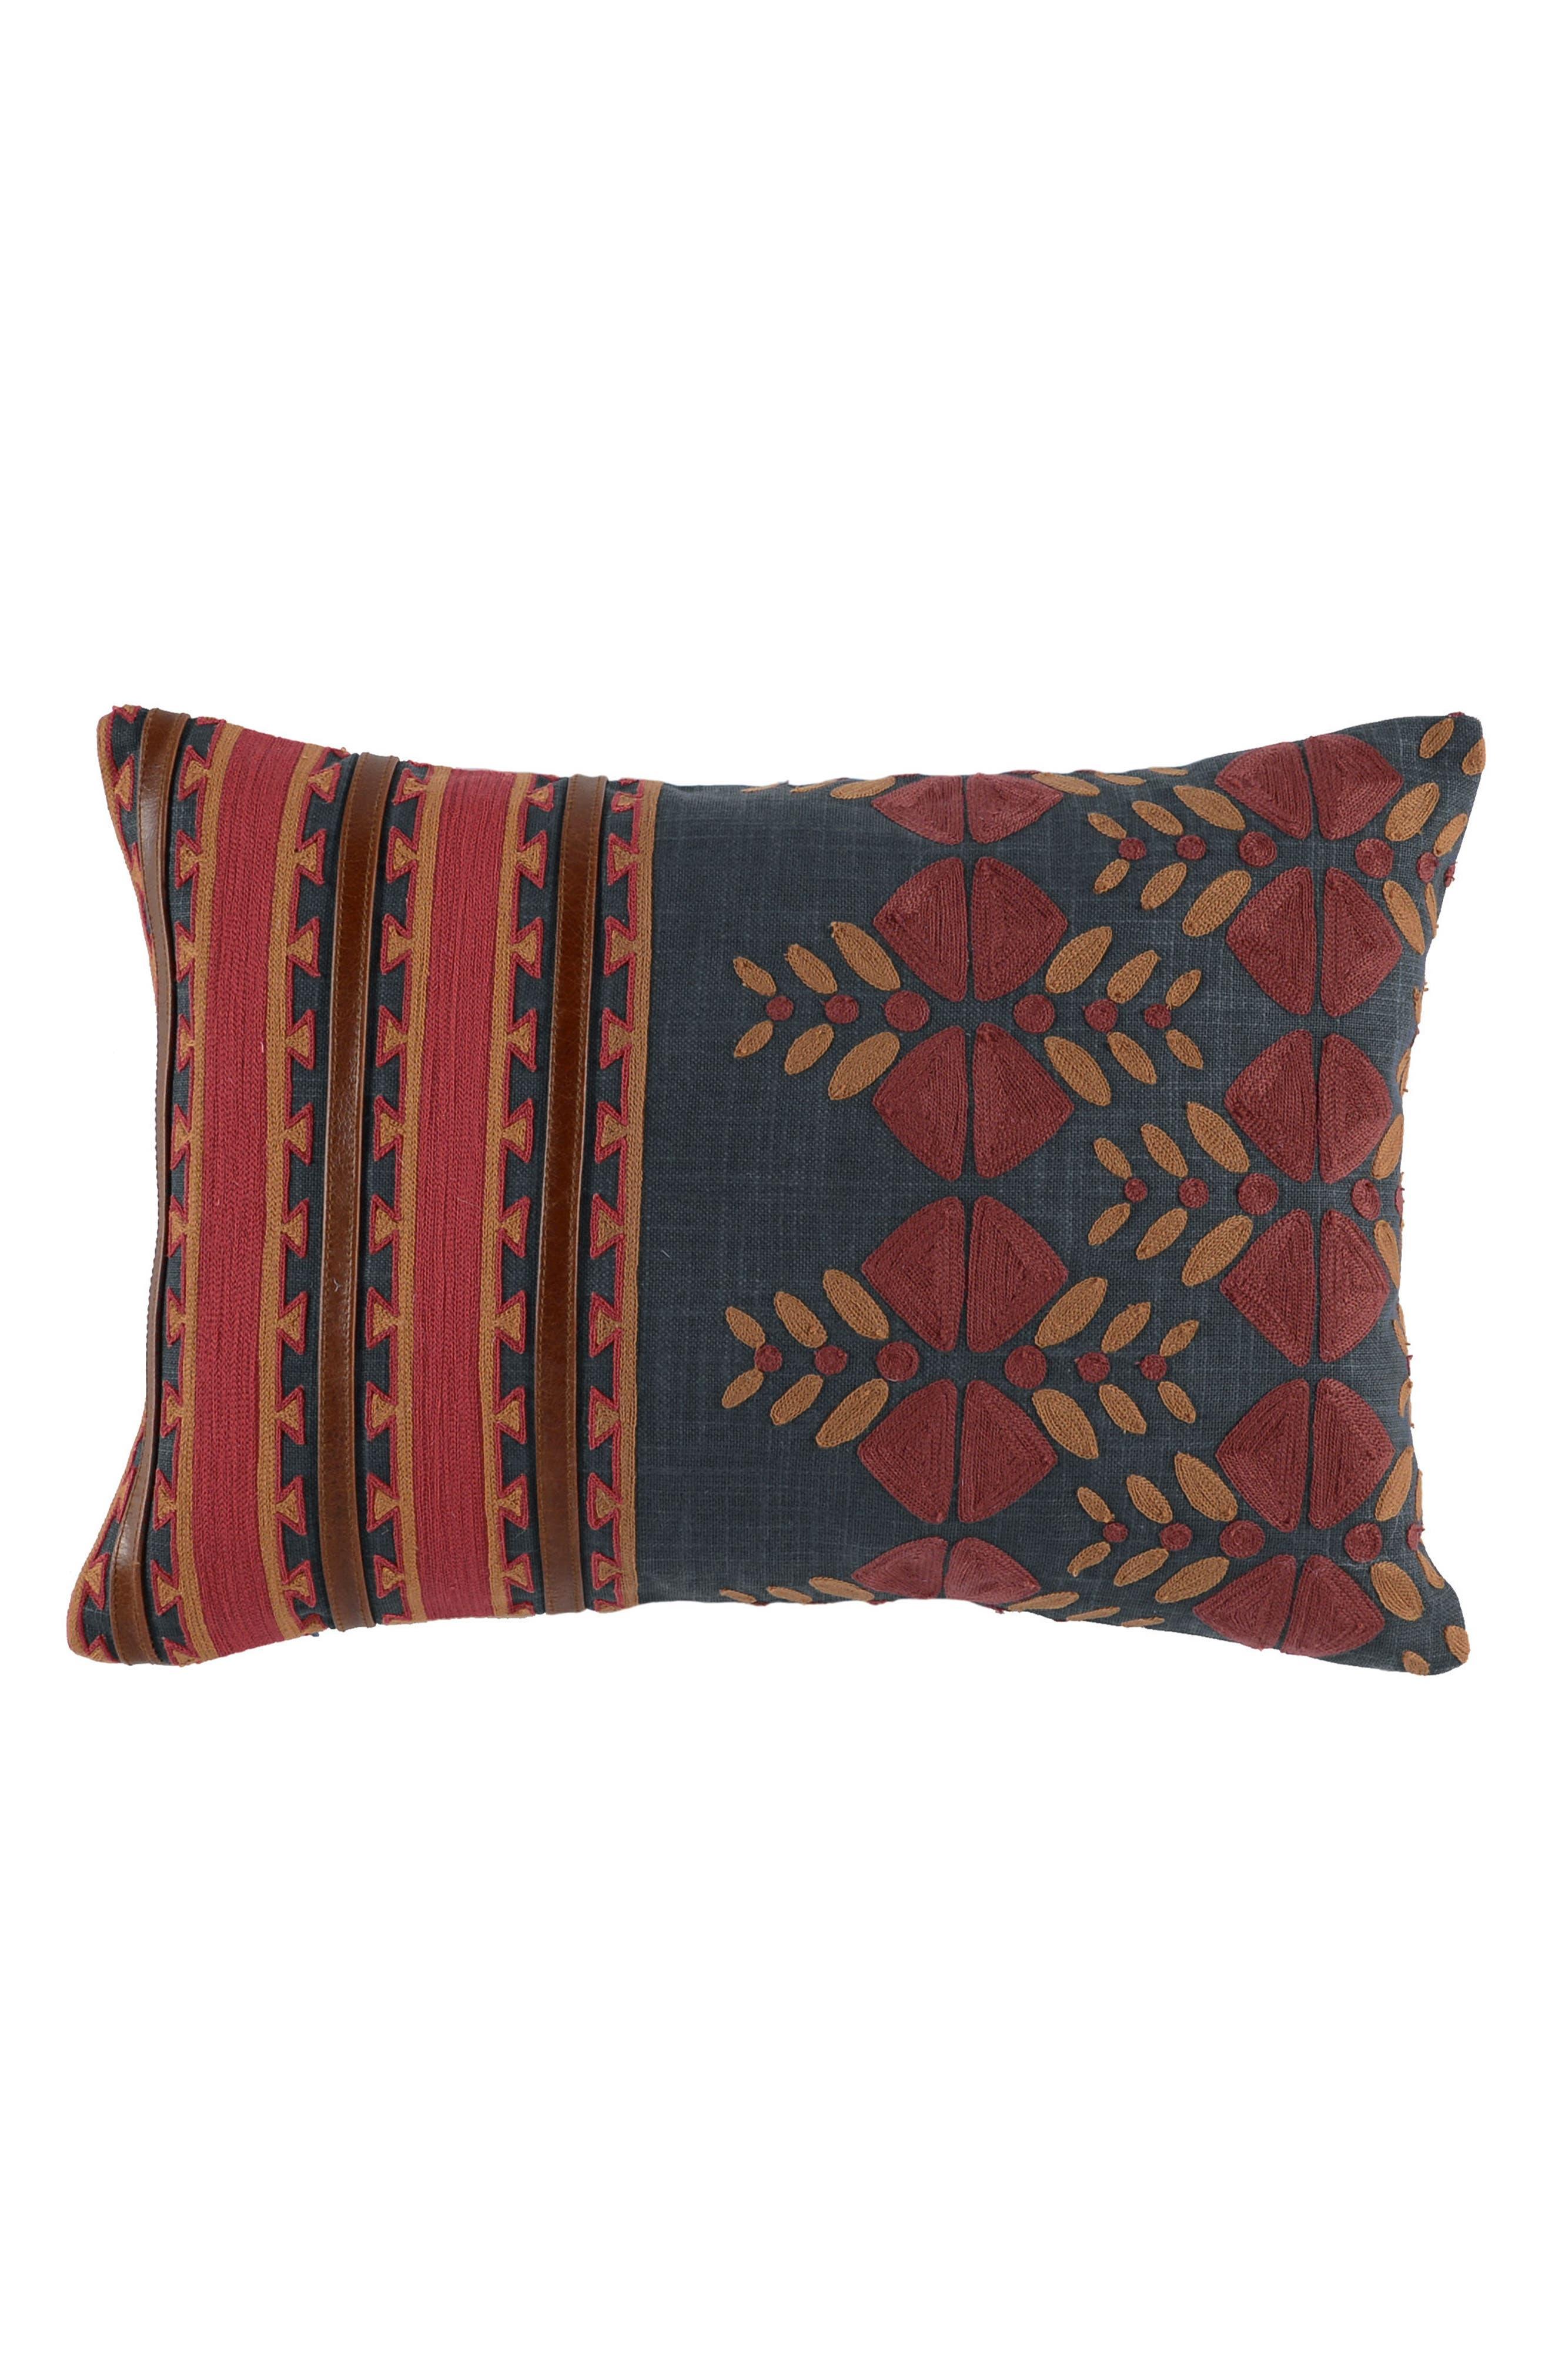 Main Image - Villa Home Collection Kaleta Accent Pillow